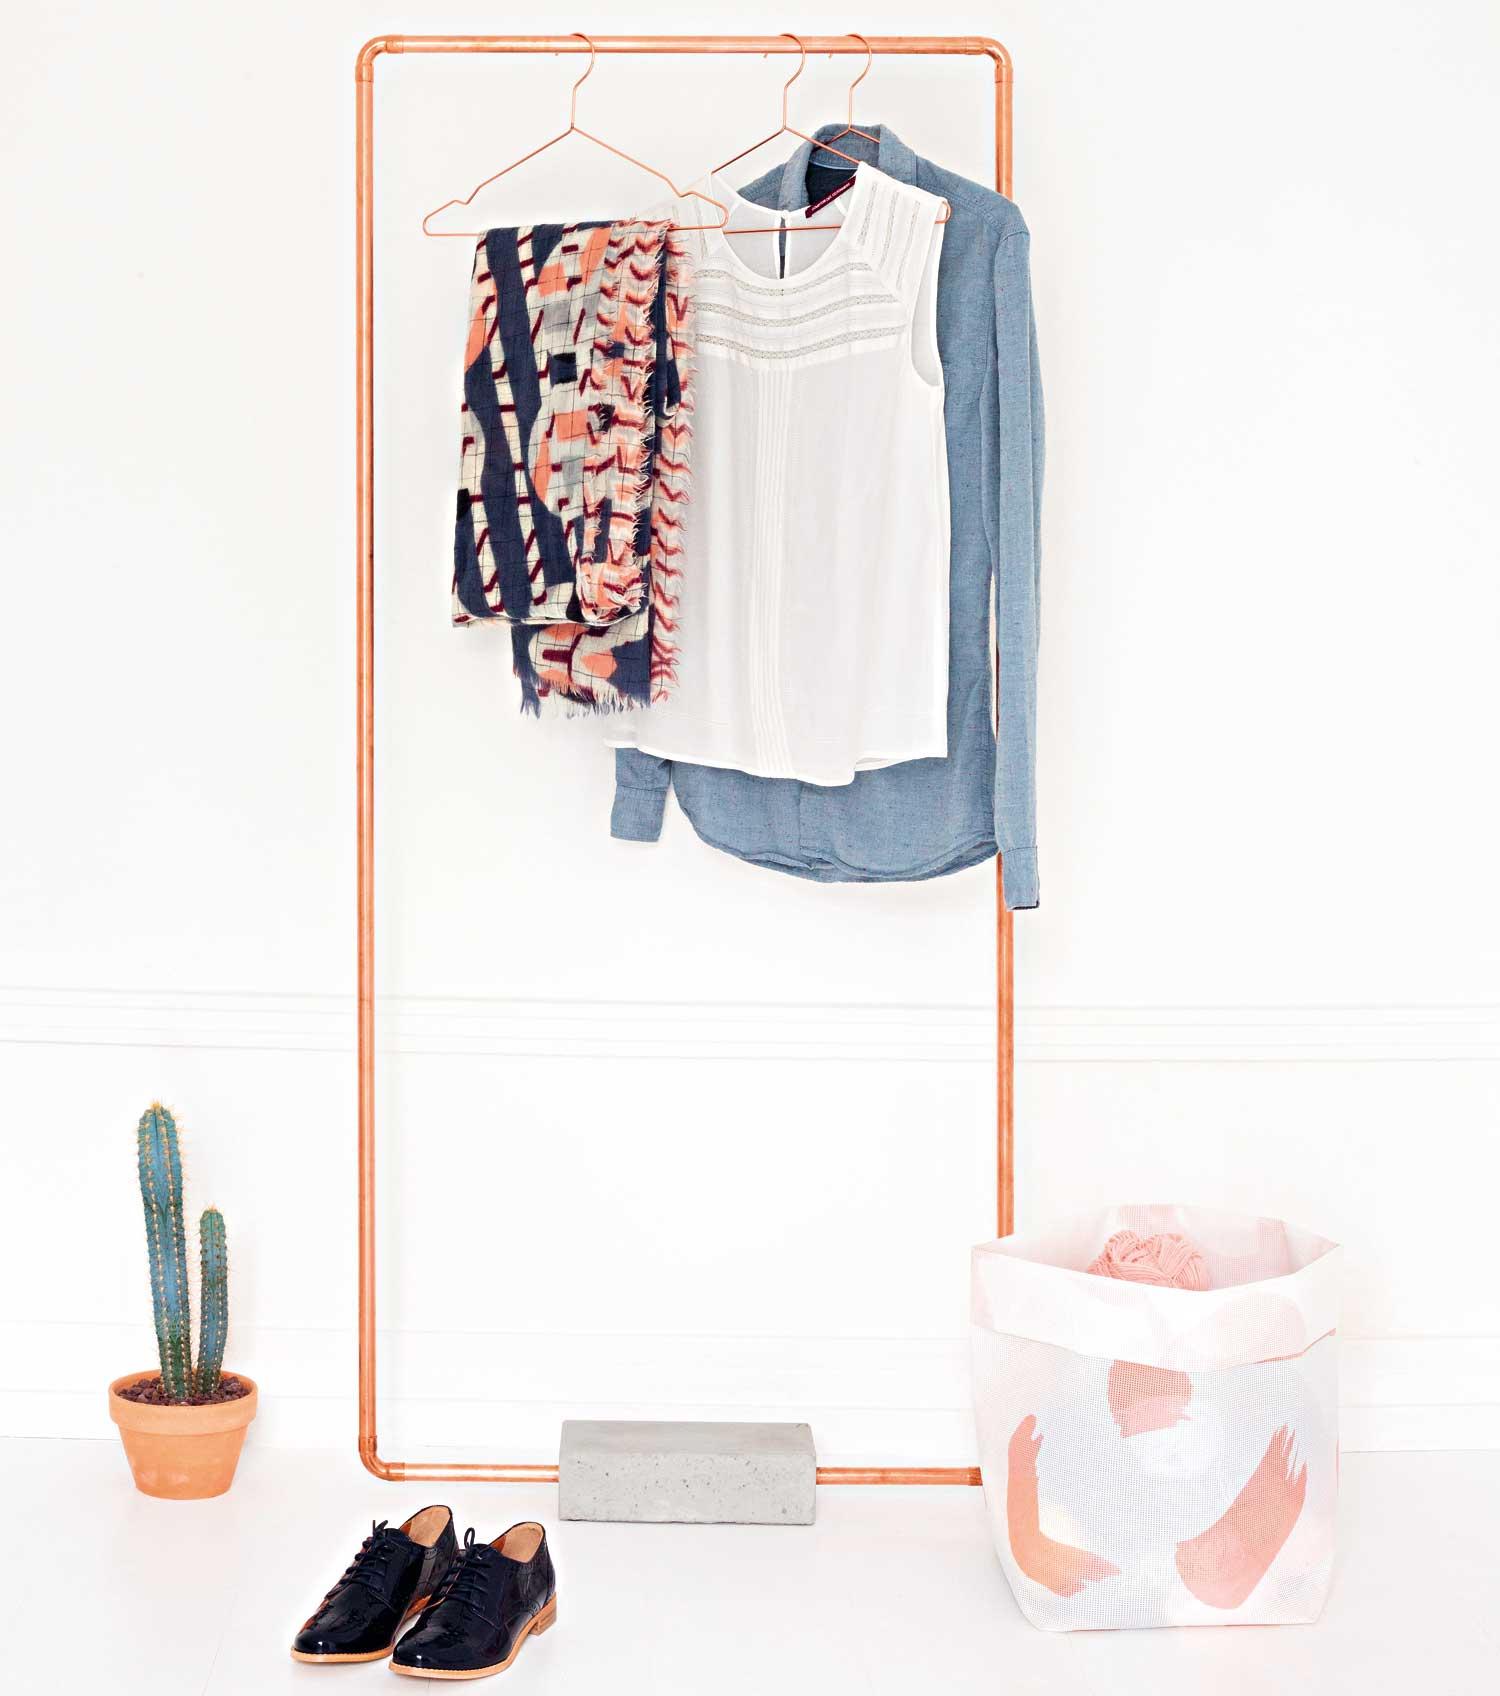 DIY Réaliser Un Portant Pour Les Vêtements Leroy Merlin - Portant en bois